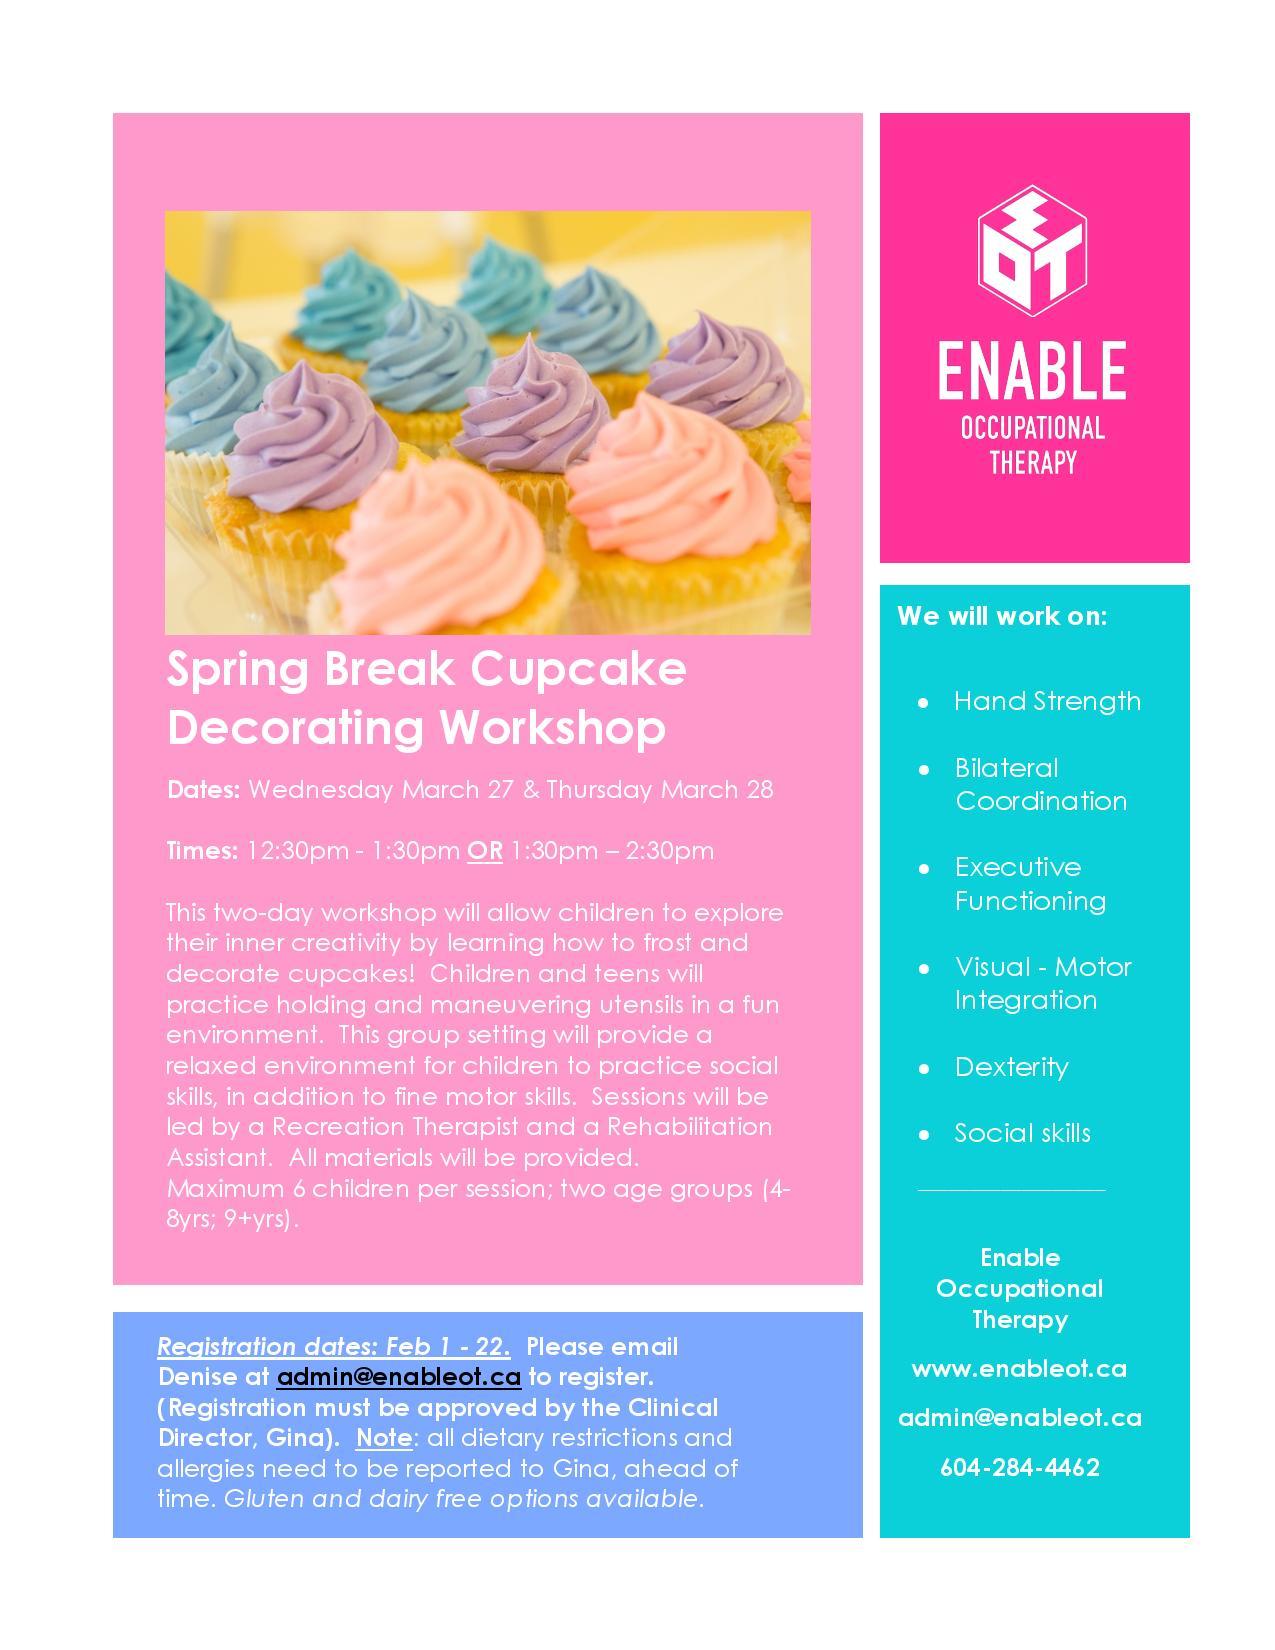 2019 Spring Break Cupcake Decorating Workshop.jpg